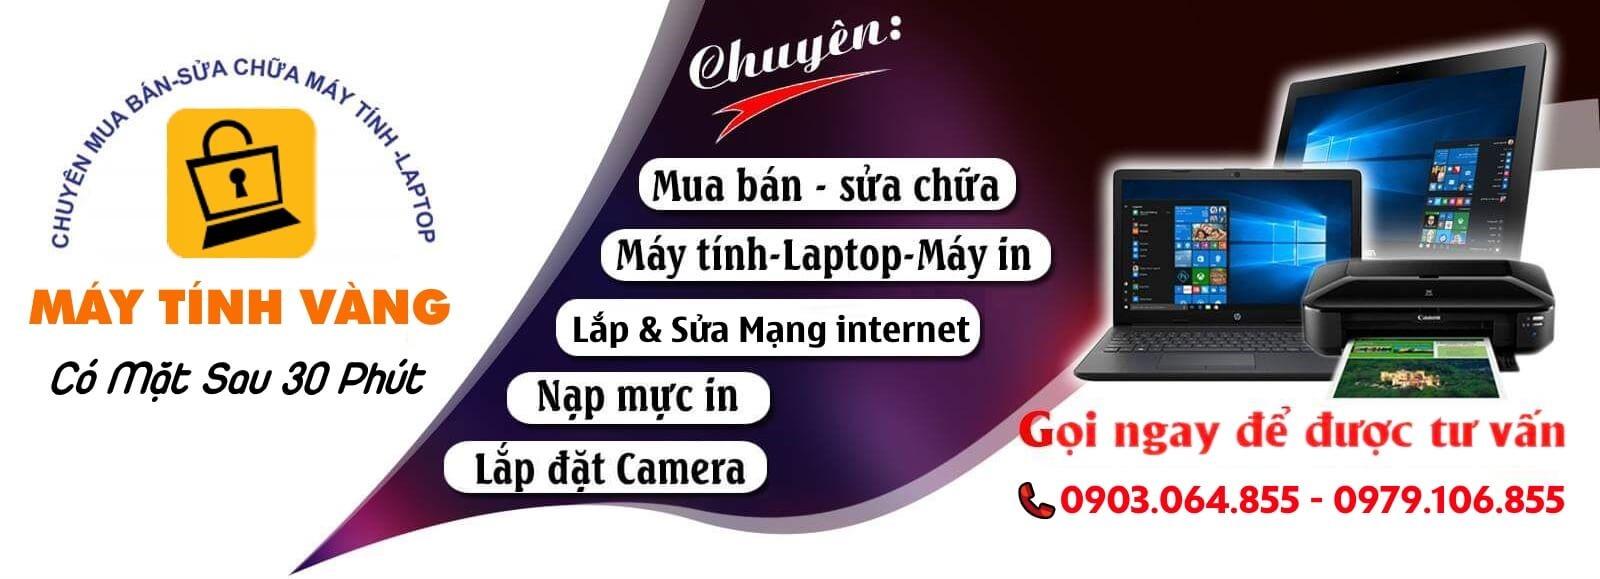 Máy Tính Vàng – Chuyên sửa laptop Quận 3 hàng đầu hiện nay.